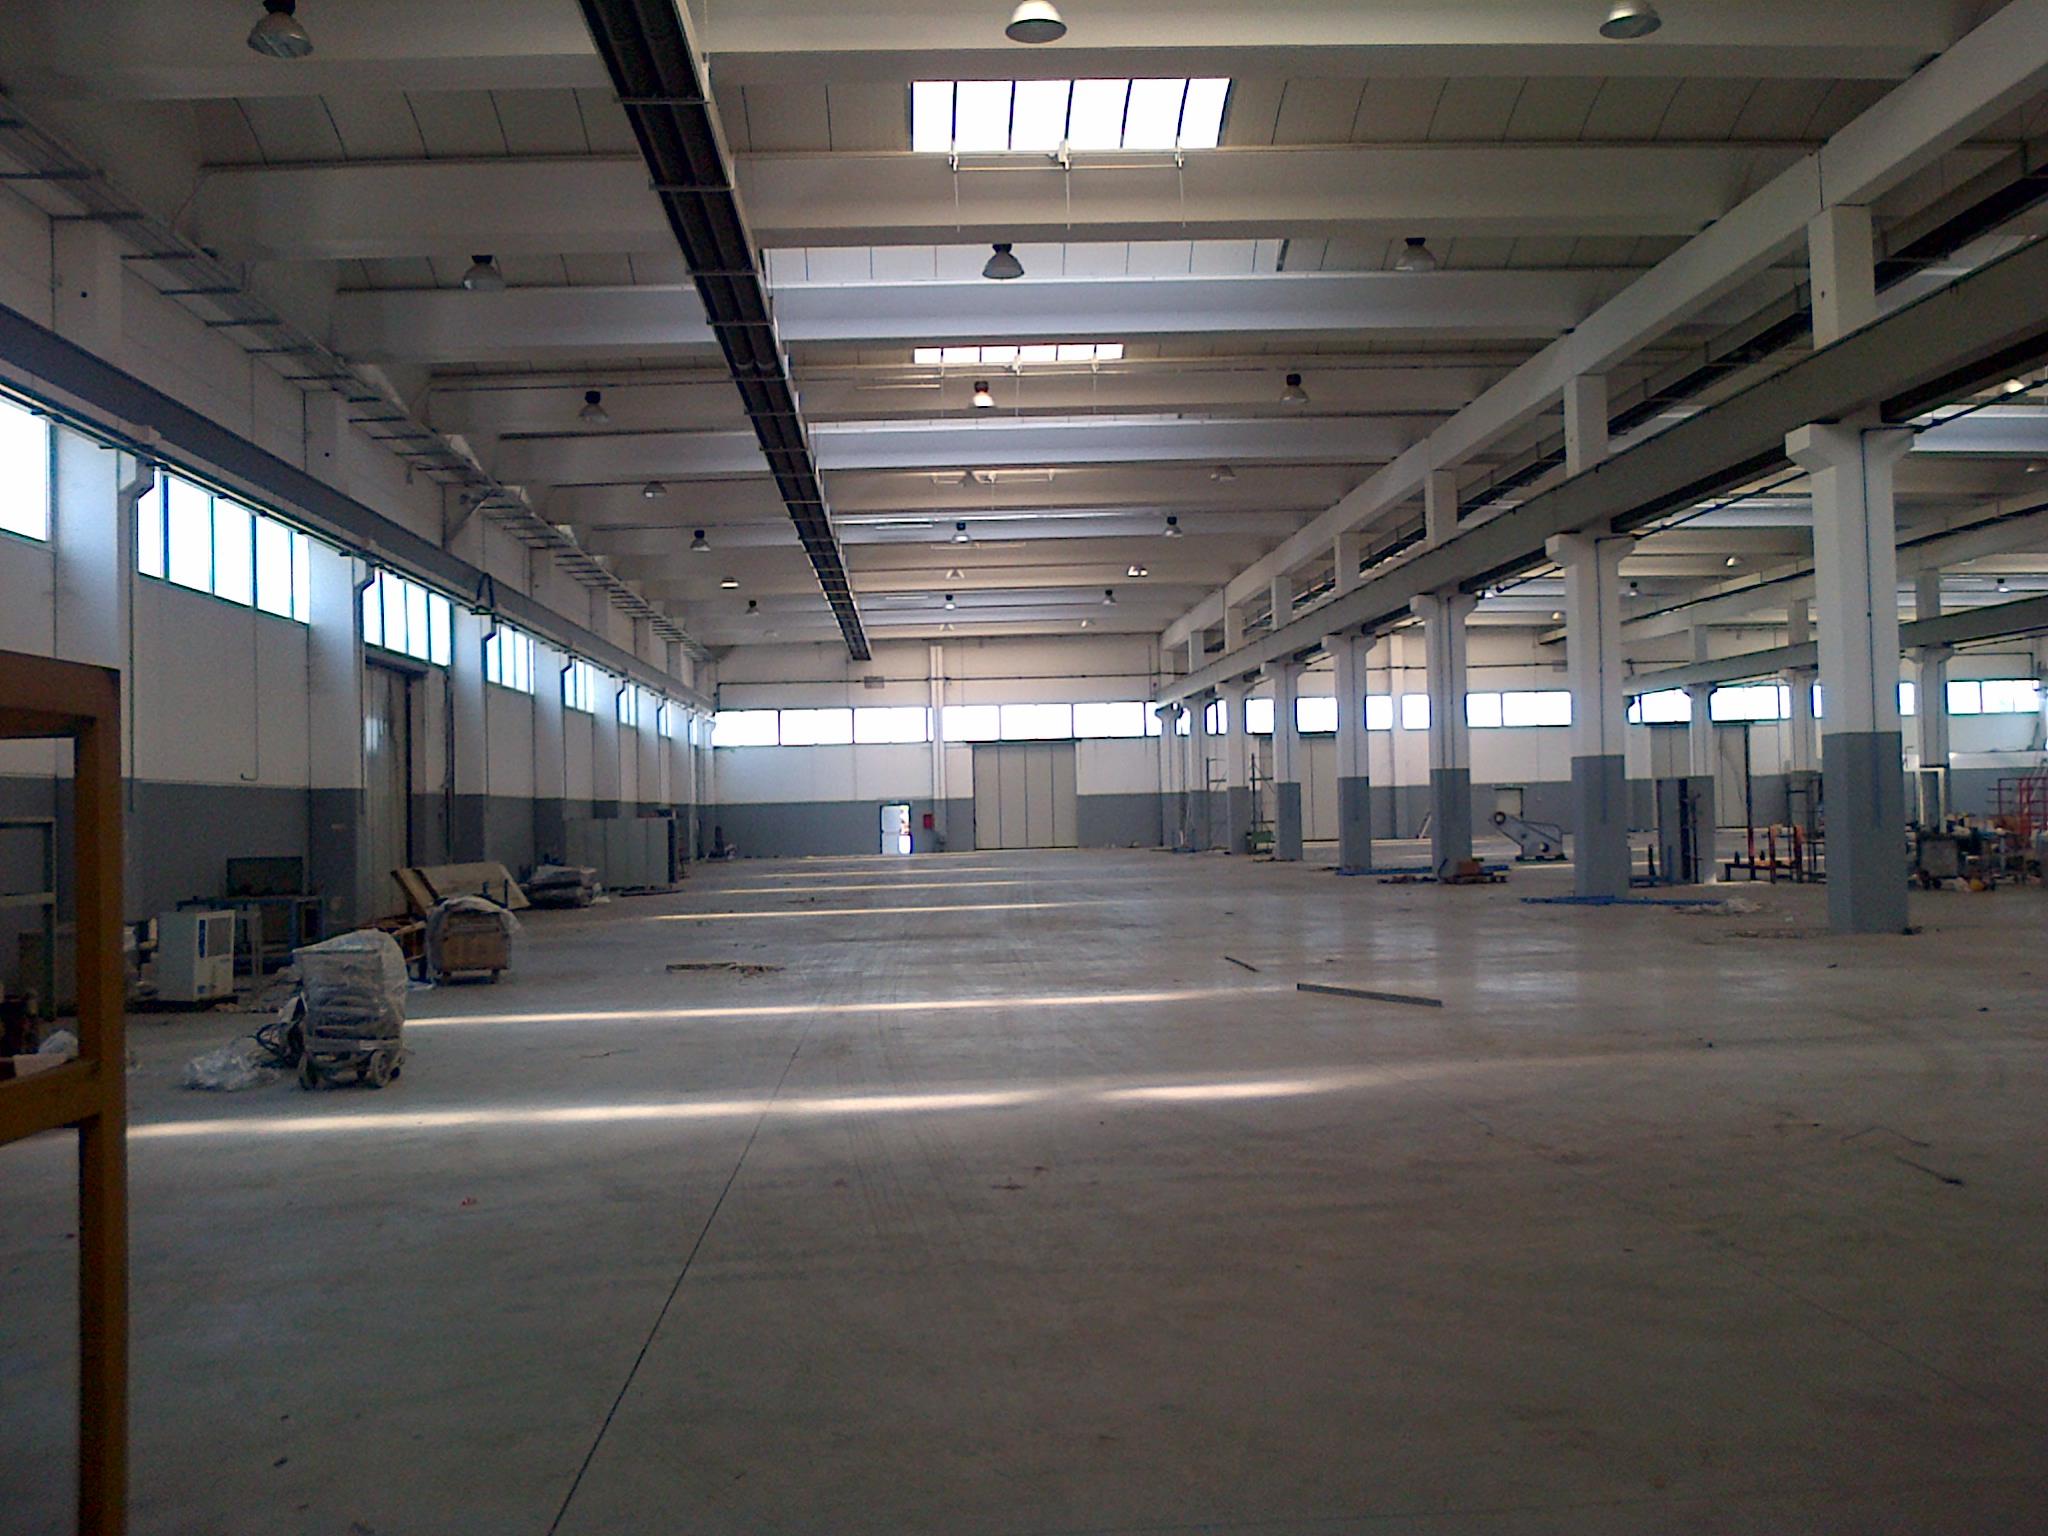 2137 lentate sul seveso nuovo capannone industriale for Boffi cucine lentate sul seveso